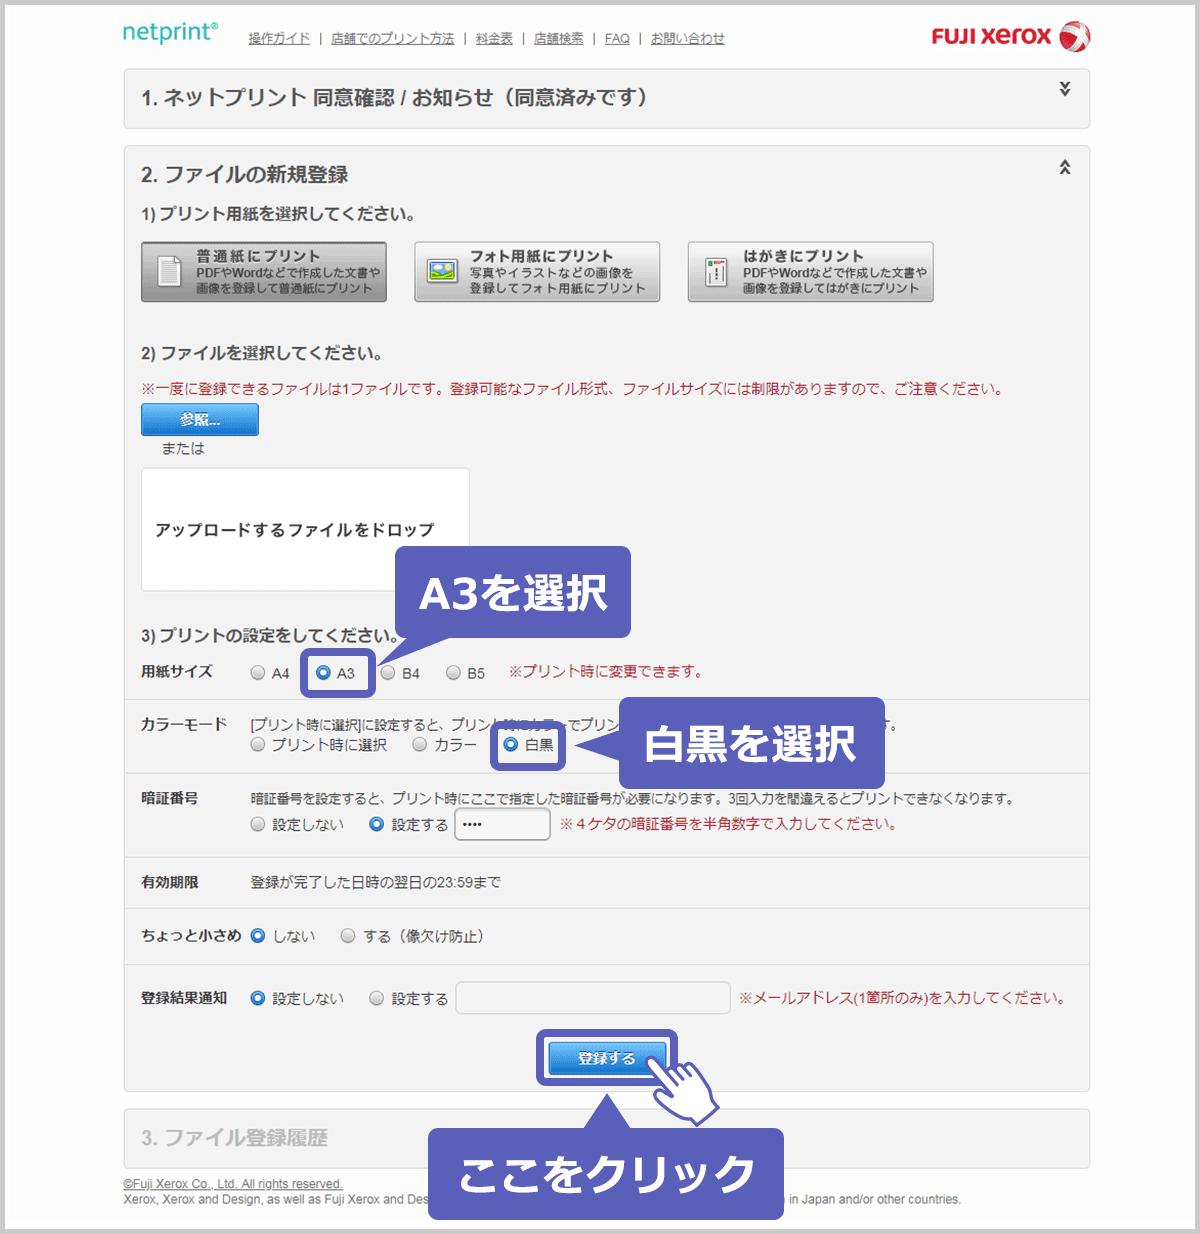 【ネットプリント】6